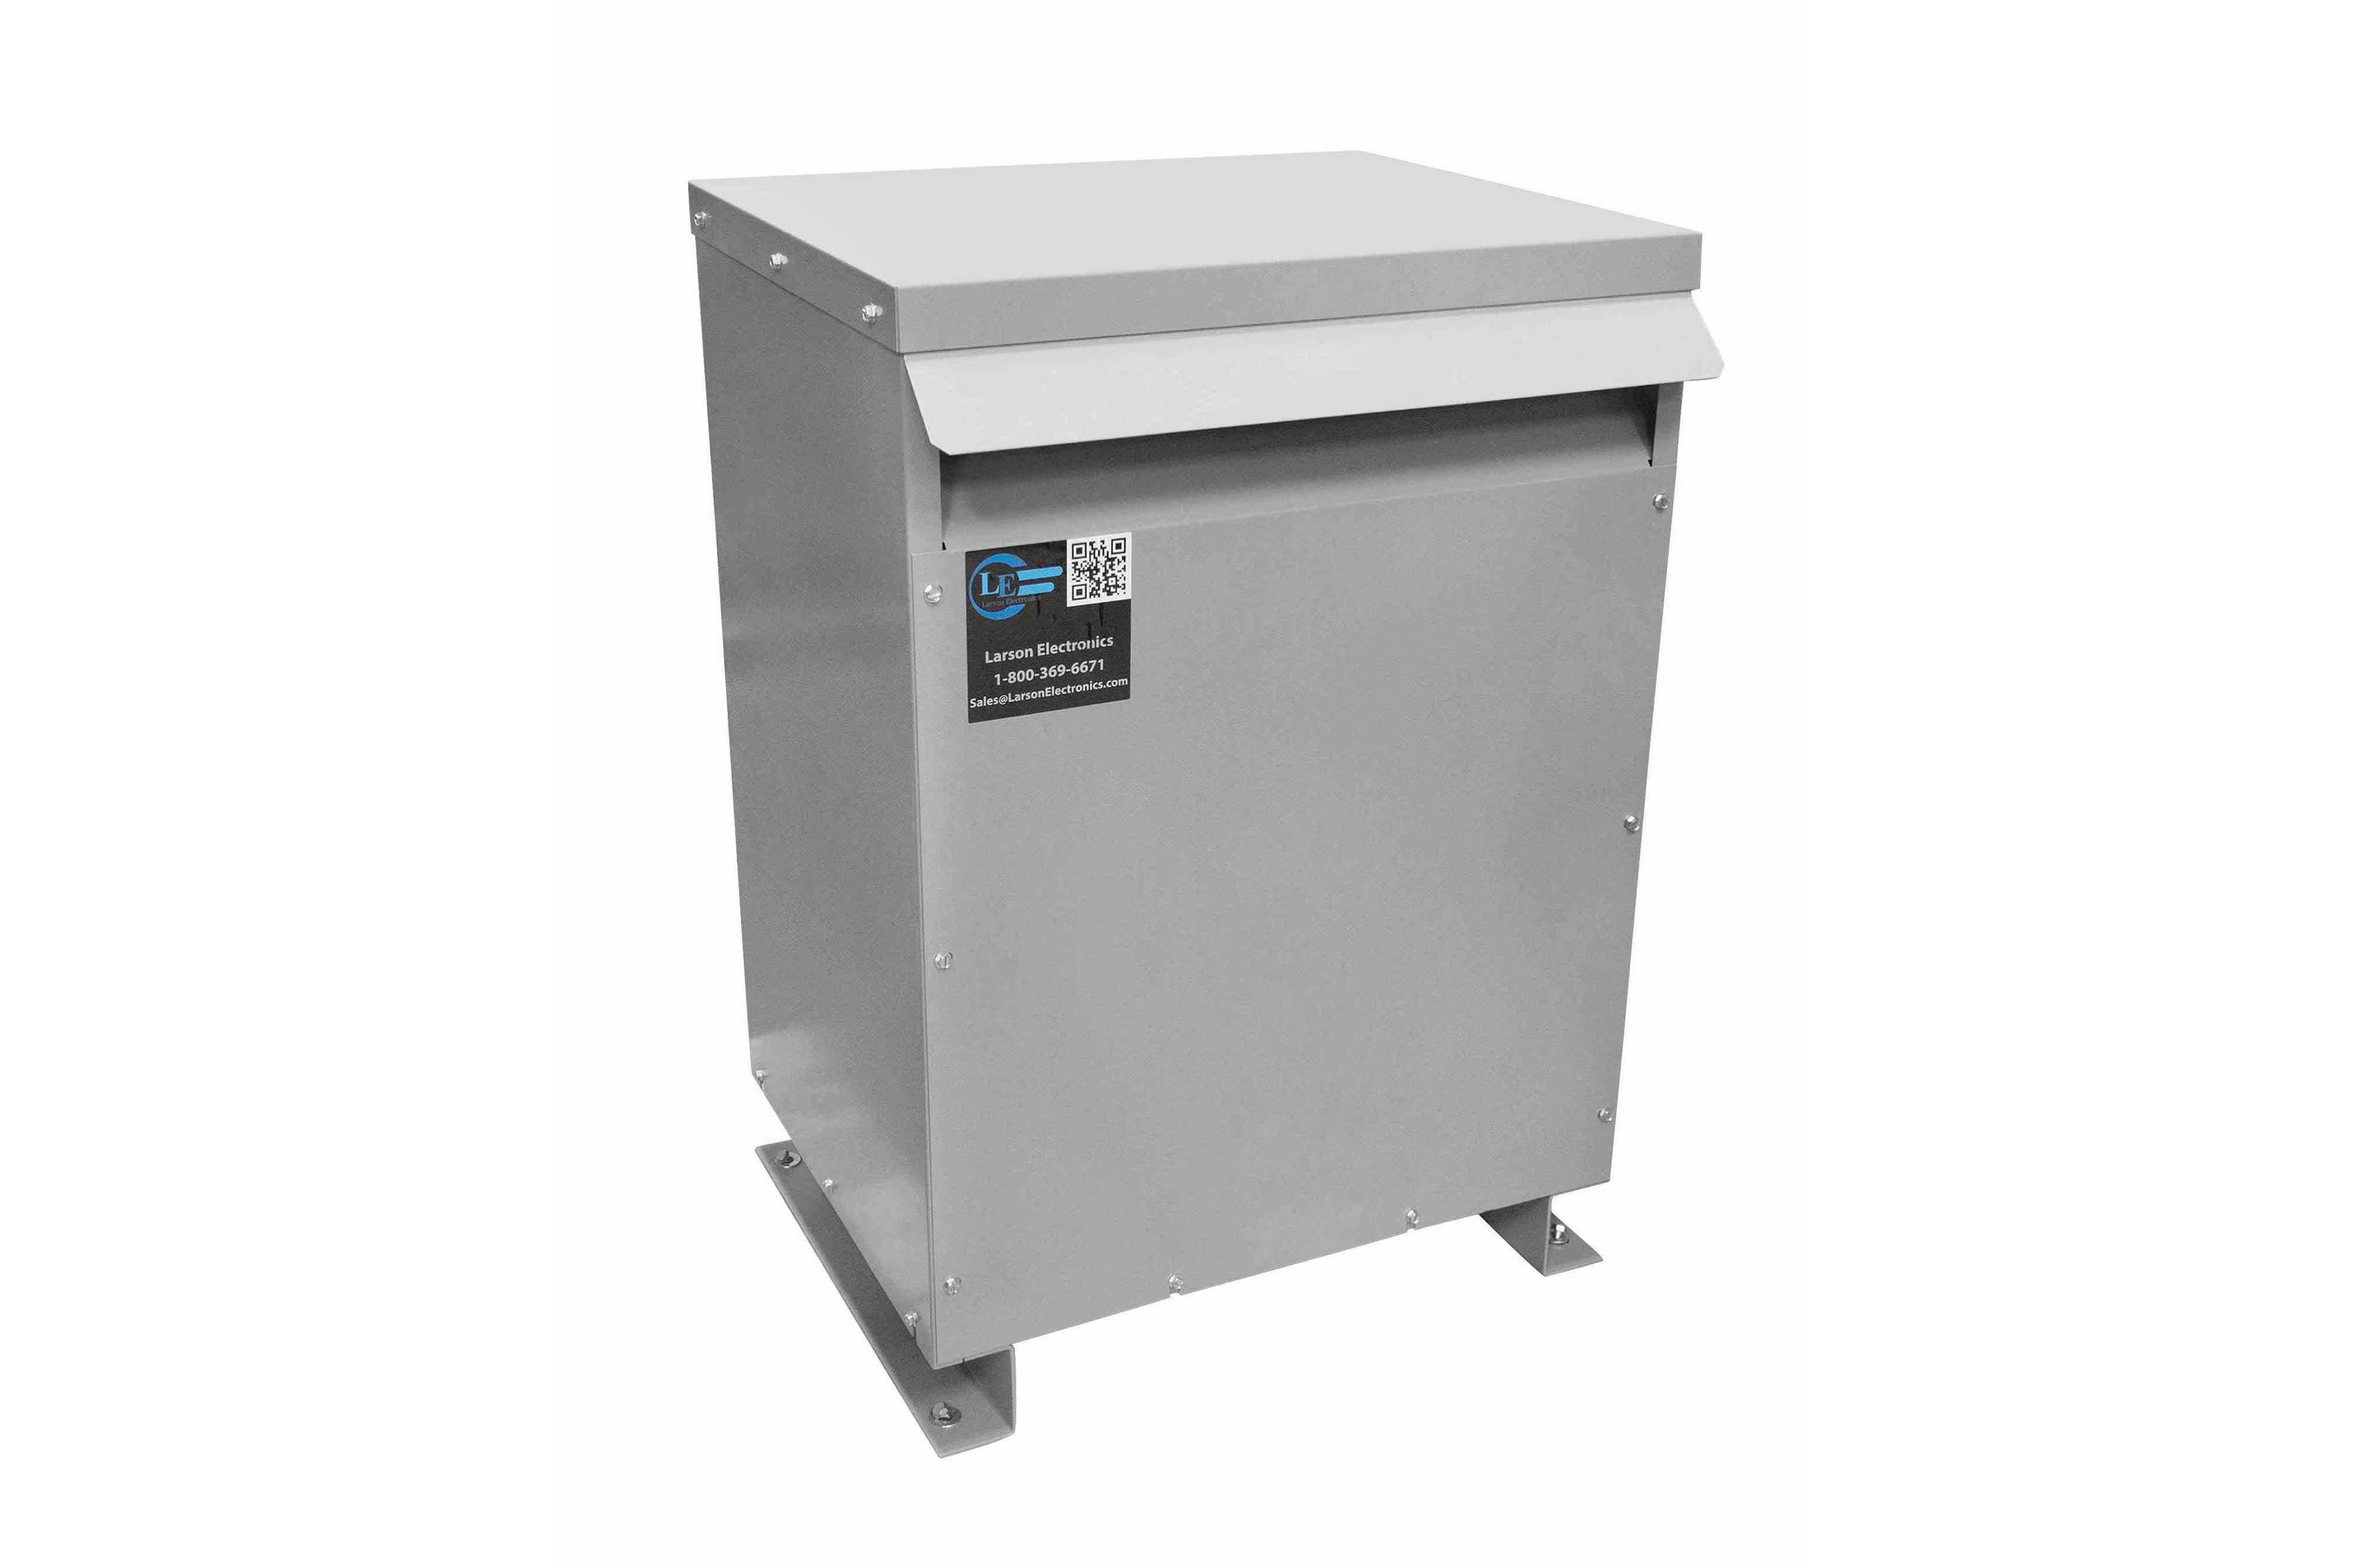 45 kVA 3PH Isolation Transformer, 600V Delta Primary, 460V Delta Secondary, N3R, Ventilated, 60 Hz